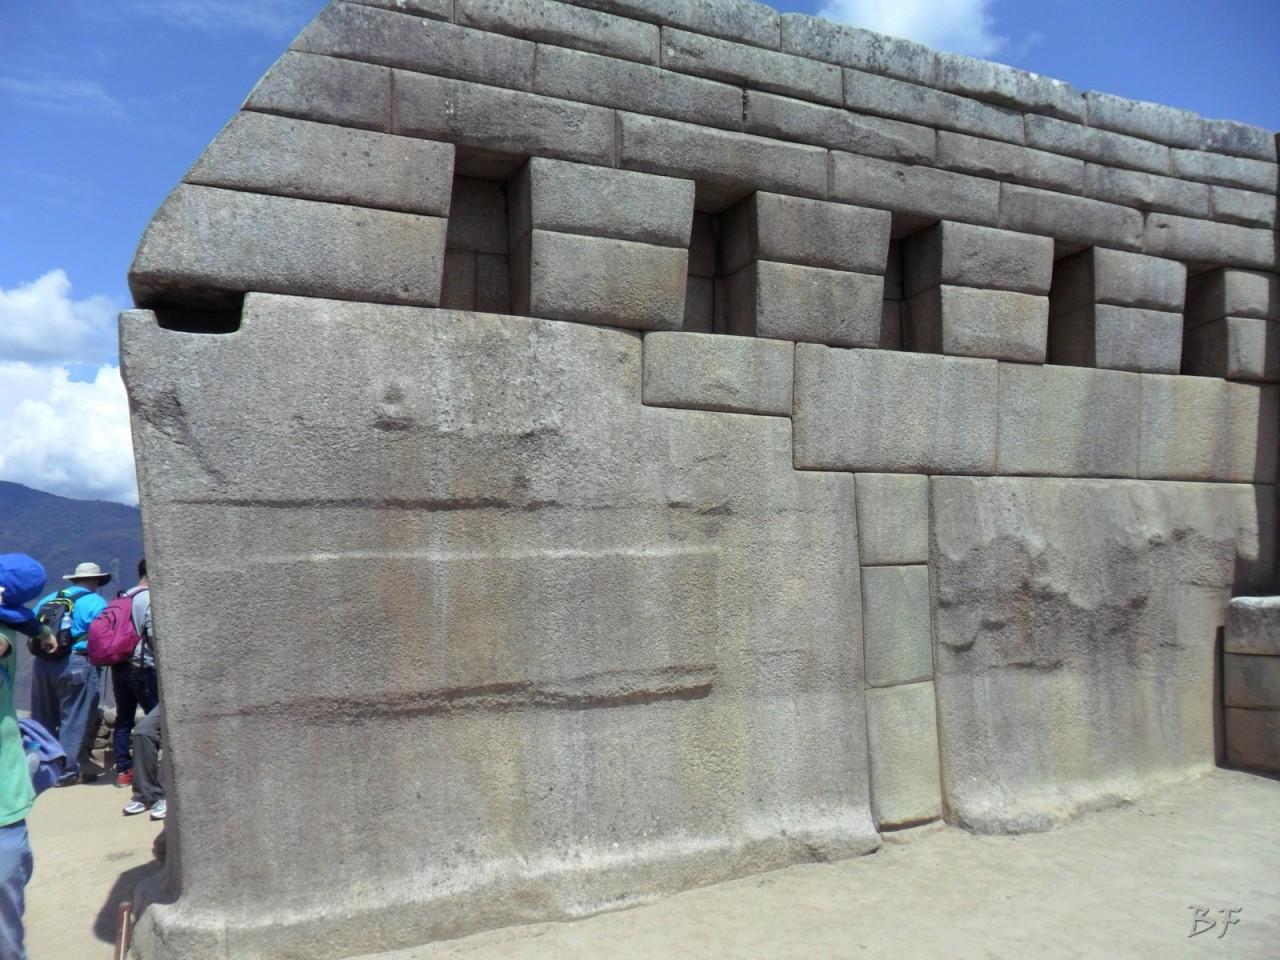 Mura-Poligonali-Incisioni-Altari-Edifici-Rupestri-Megaliti-Machu-Picchu-Aguas-Calientes-Urubamba-Cusco-Perù-57